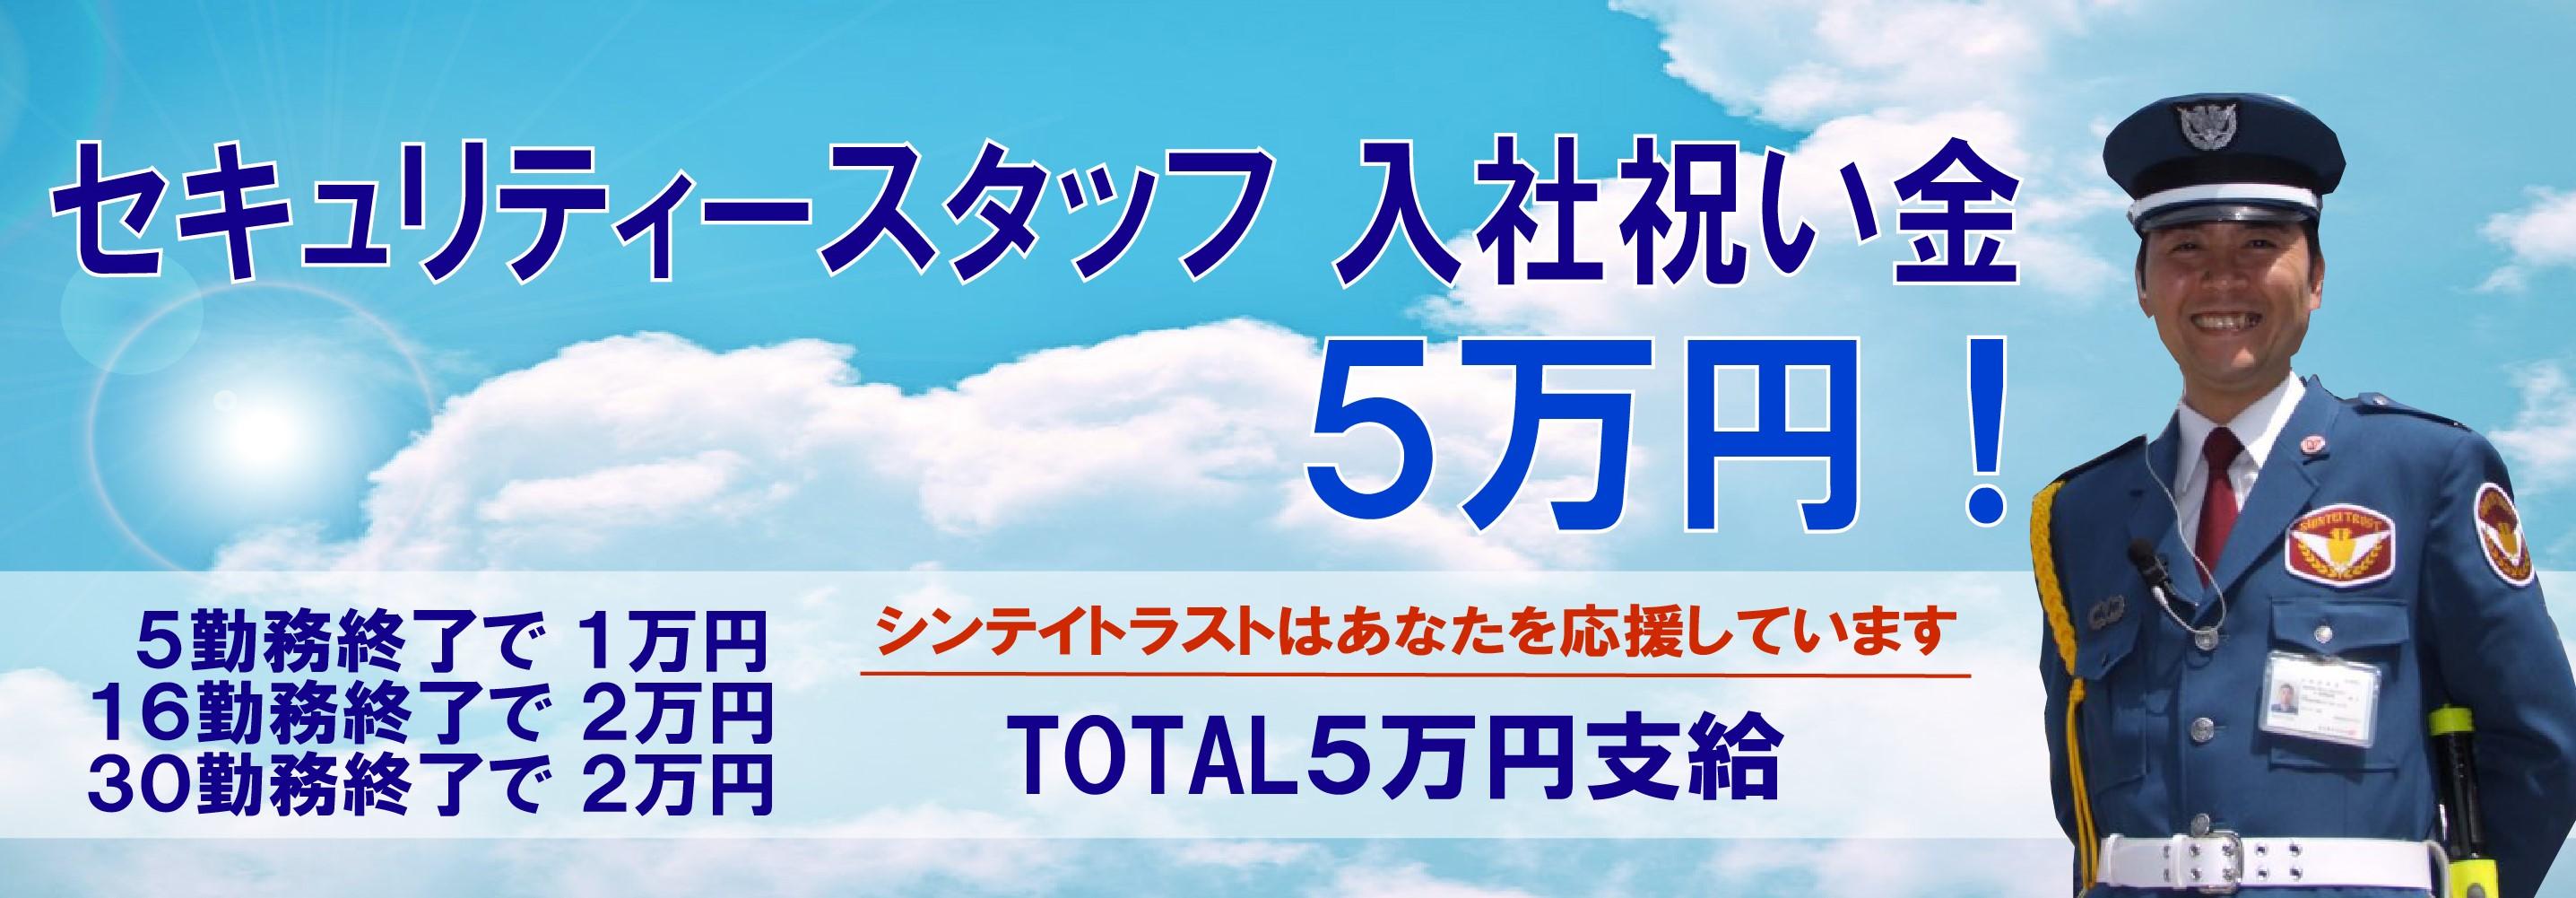 祝い金5万円 2